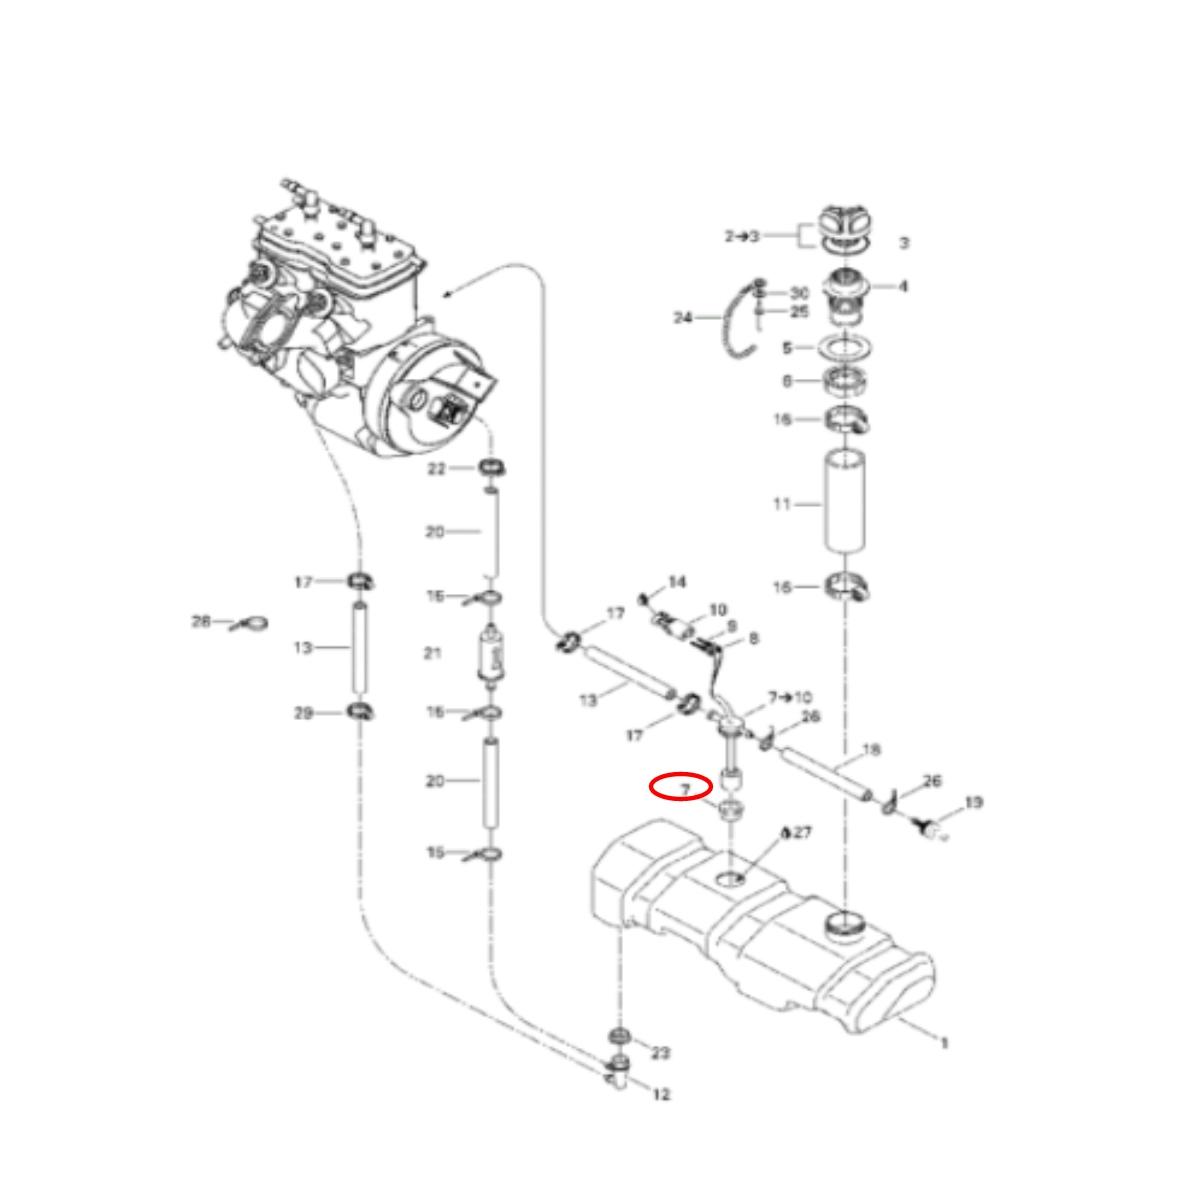 Borracha Vedação do Tanque Sea Doo Gti/Xp/Spx  - Radical Peças - Peças para Jet Ski